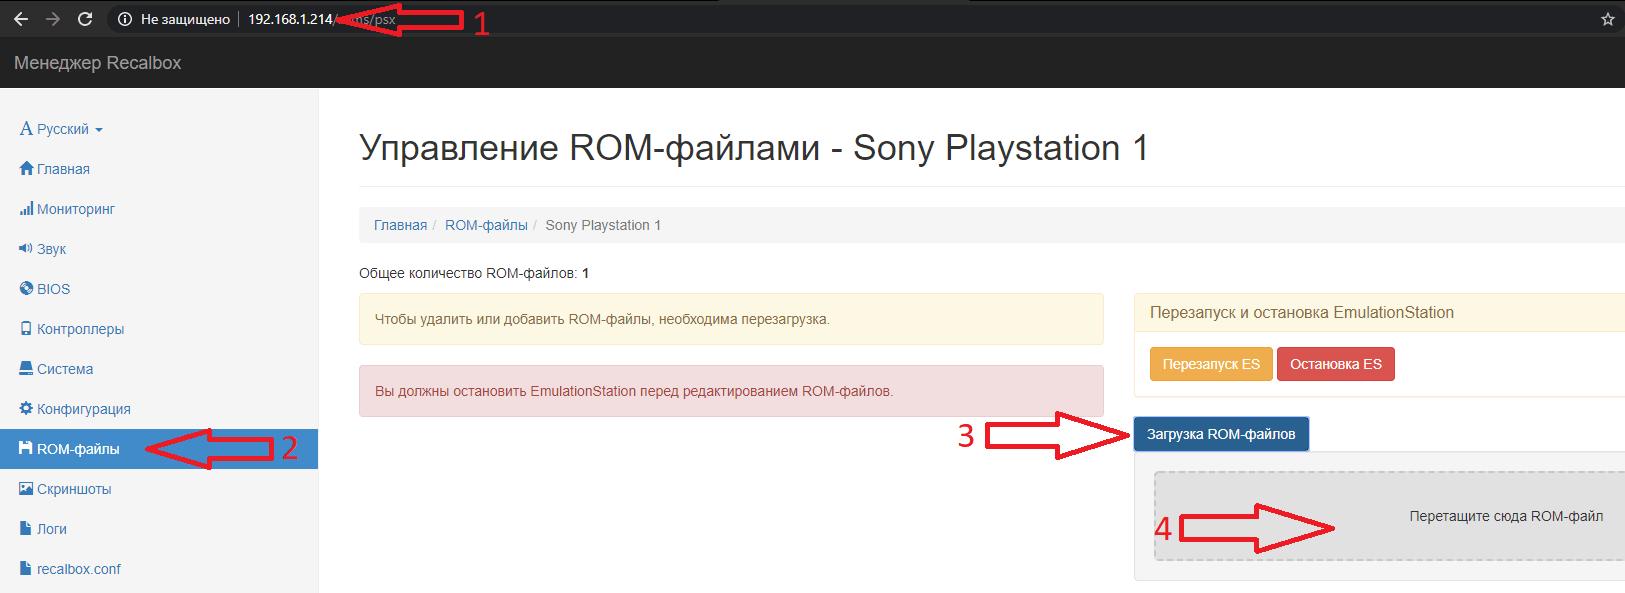 Загрузка ромов через веб-интерфейс